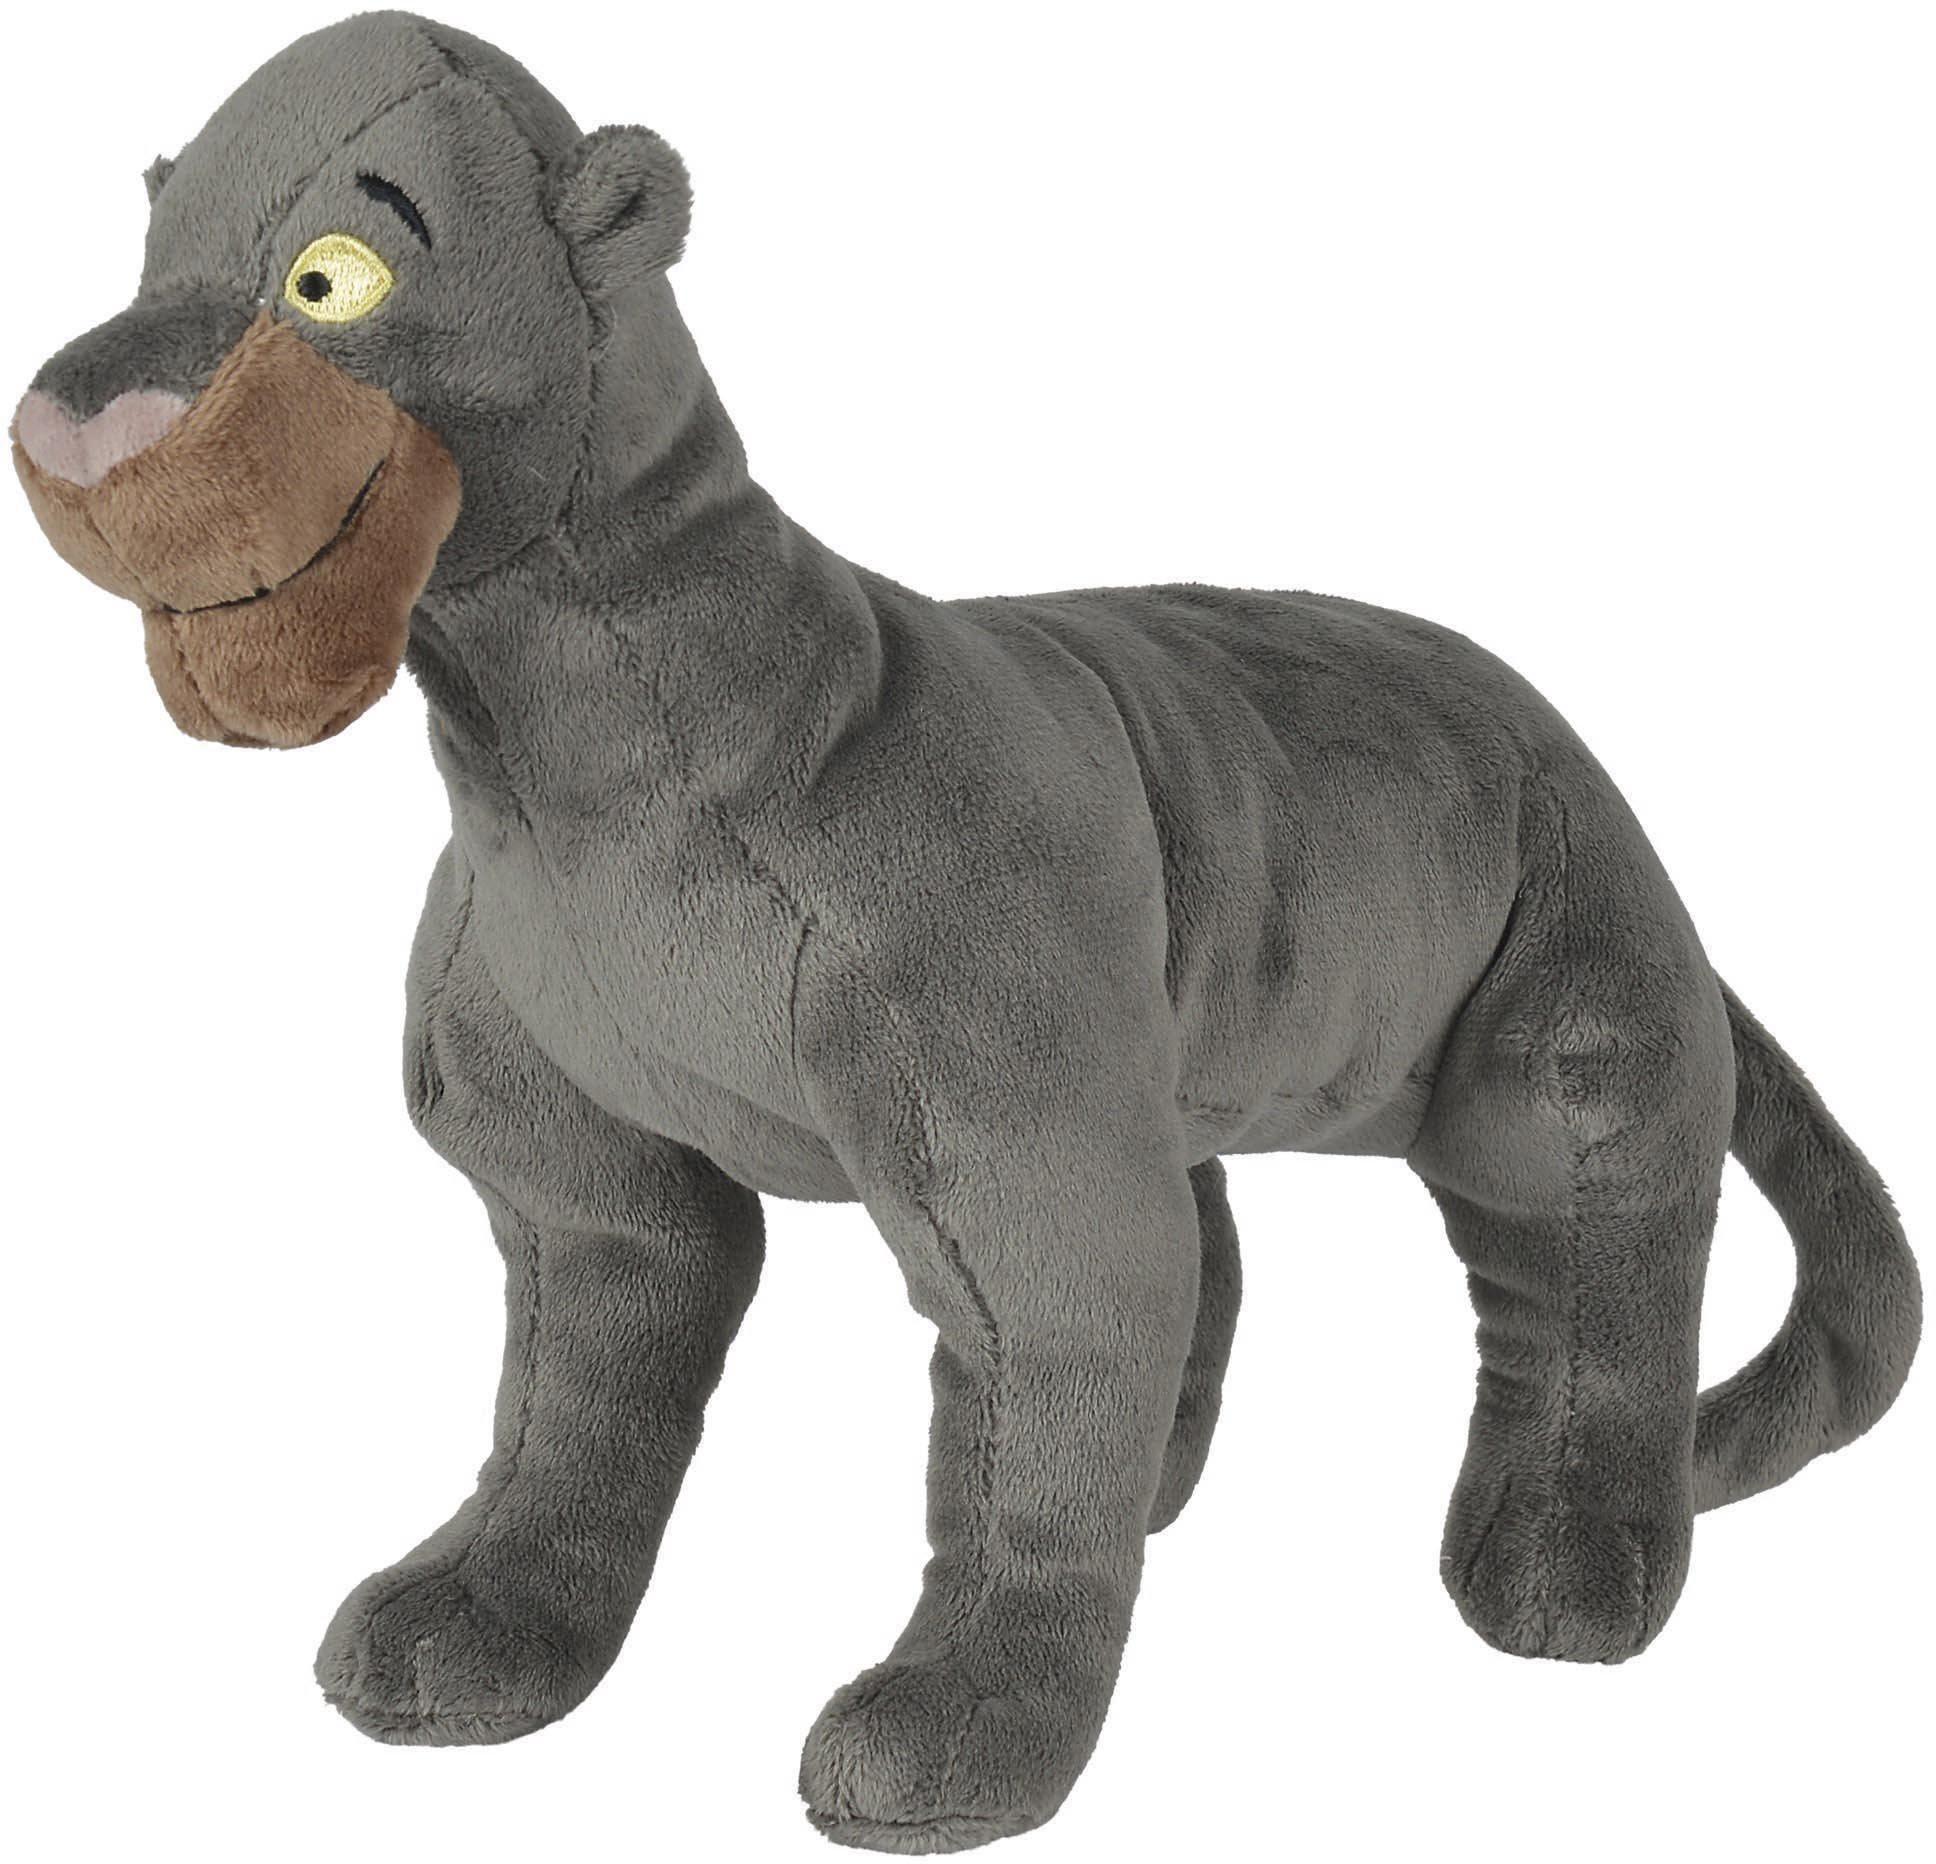 Мягкая игрушка - Багира, 25 см.Мягкие игрушки Disney<br>Мягкая игрушка - Багира, 25 см.<br>